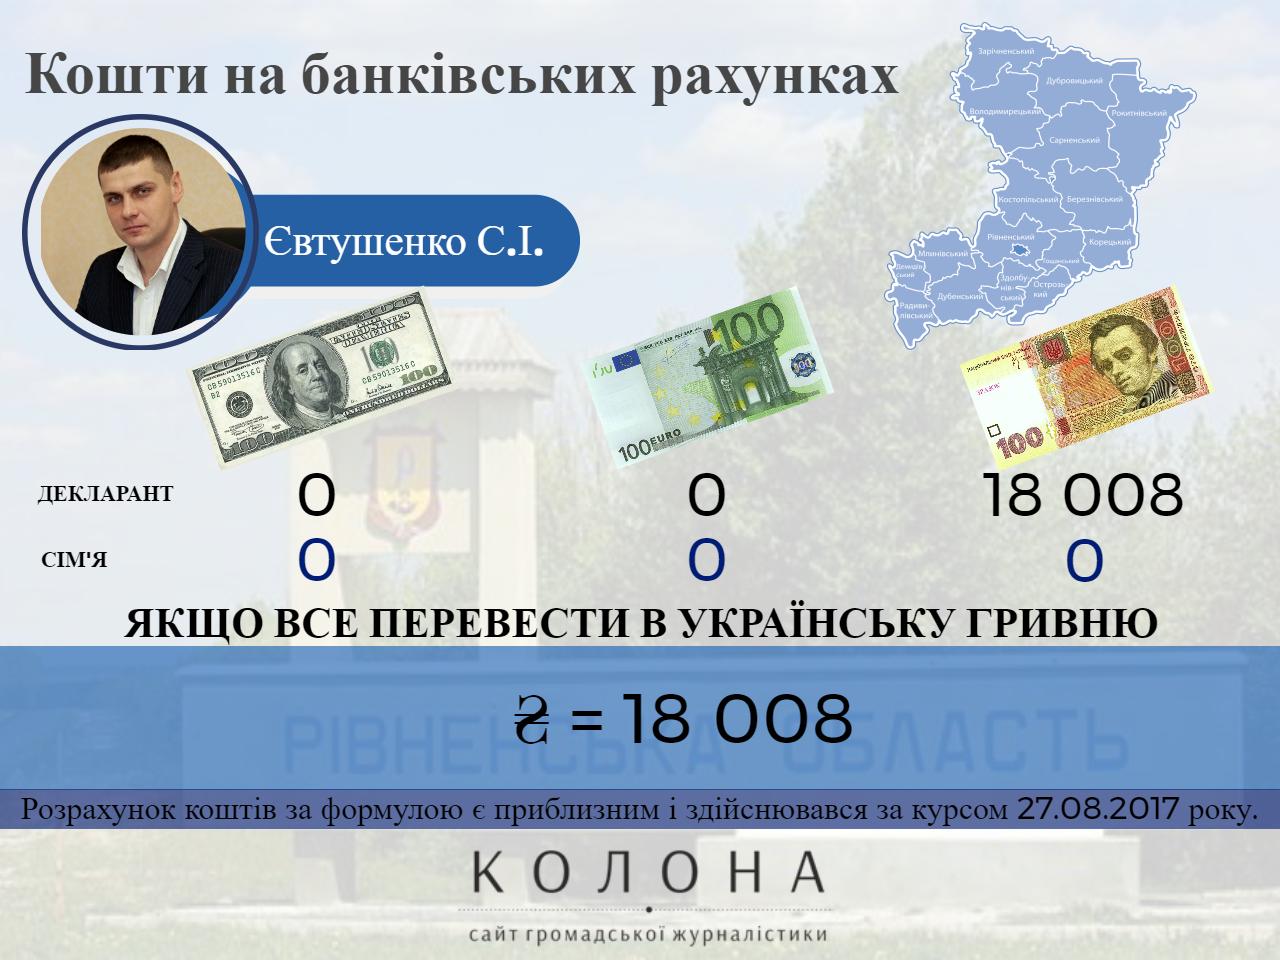 Євтушенко Святослав Ігоревич